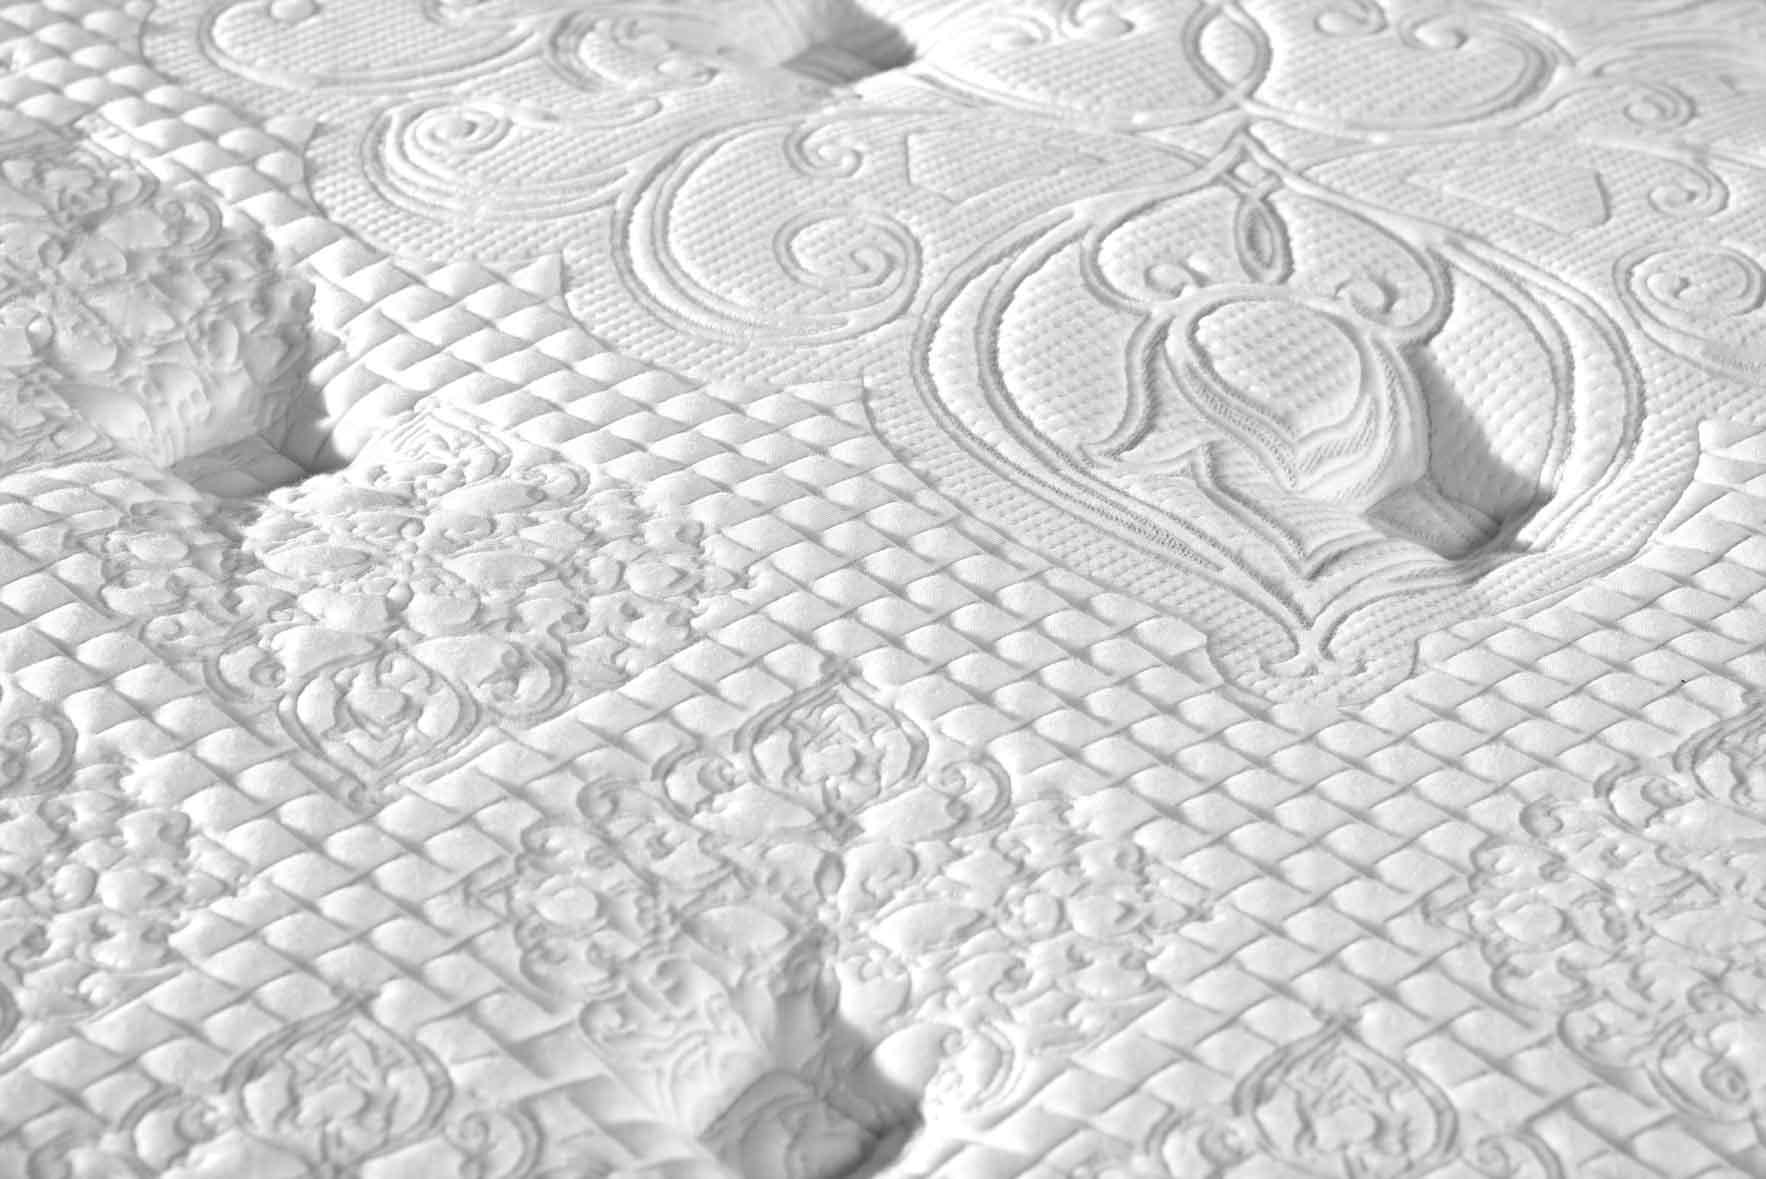 耐用蘇州床墊制造廠家 值得信賴 蘇州星夜家居科技供應